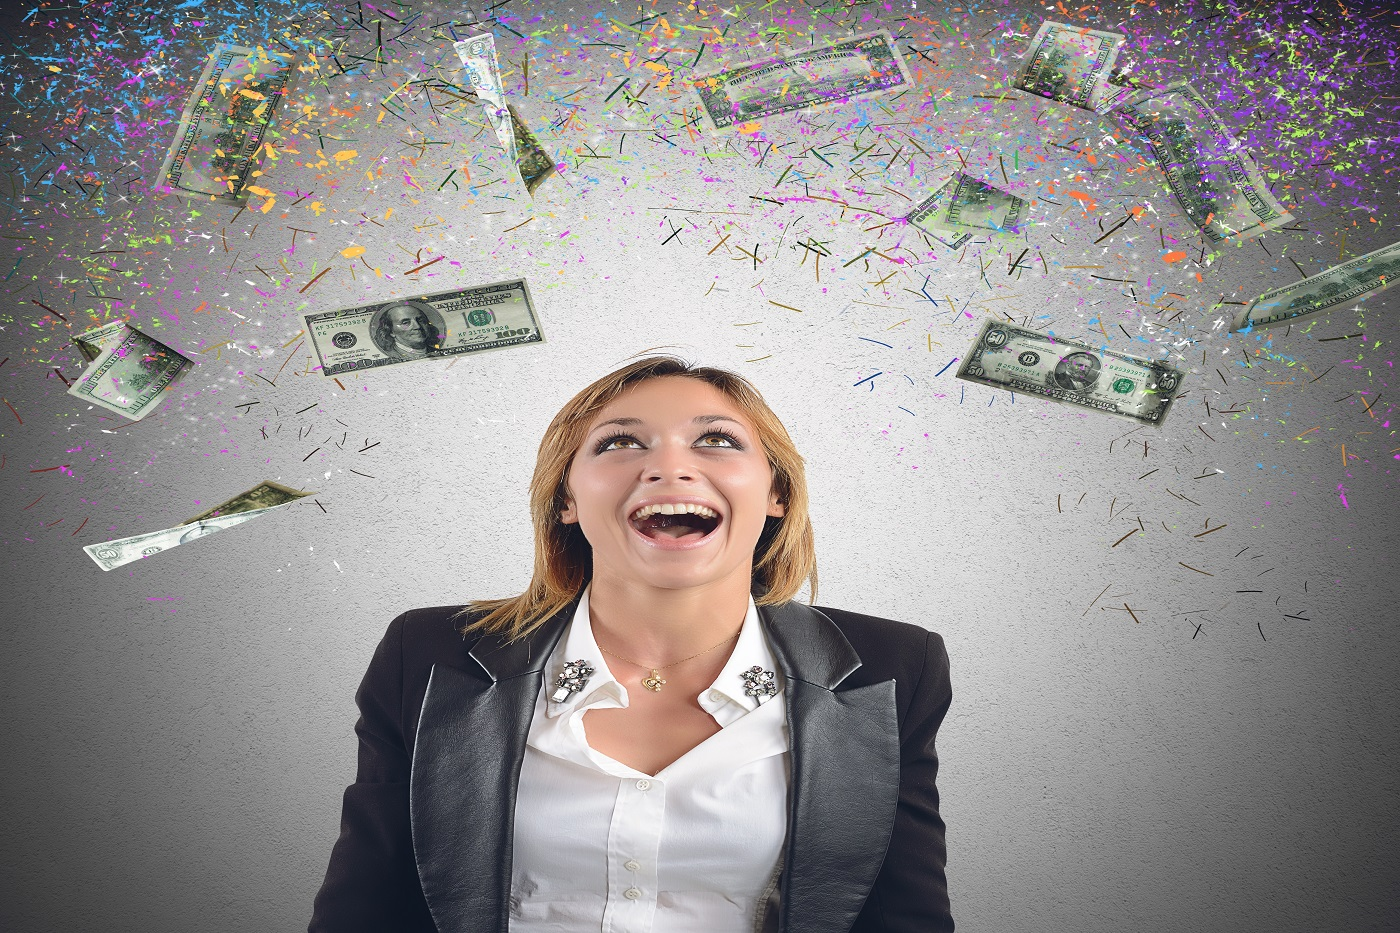 Renda automática: Método vai garantir mais dinheiro todos os meses